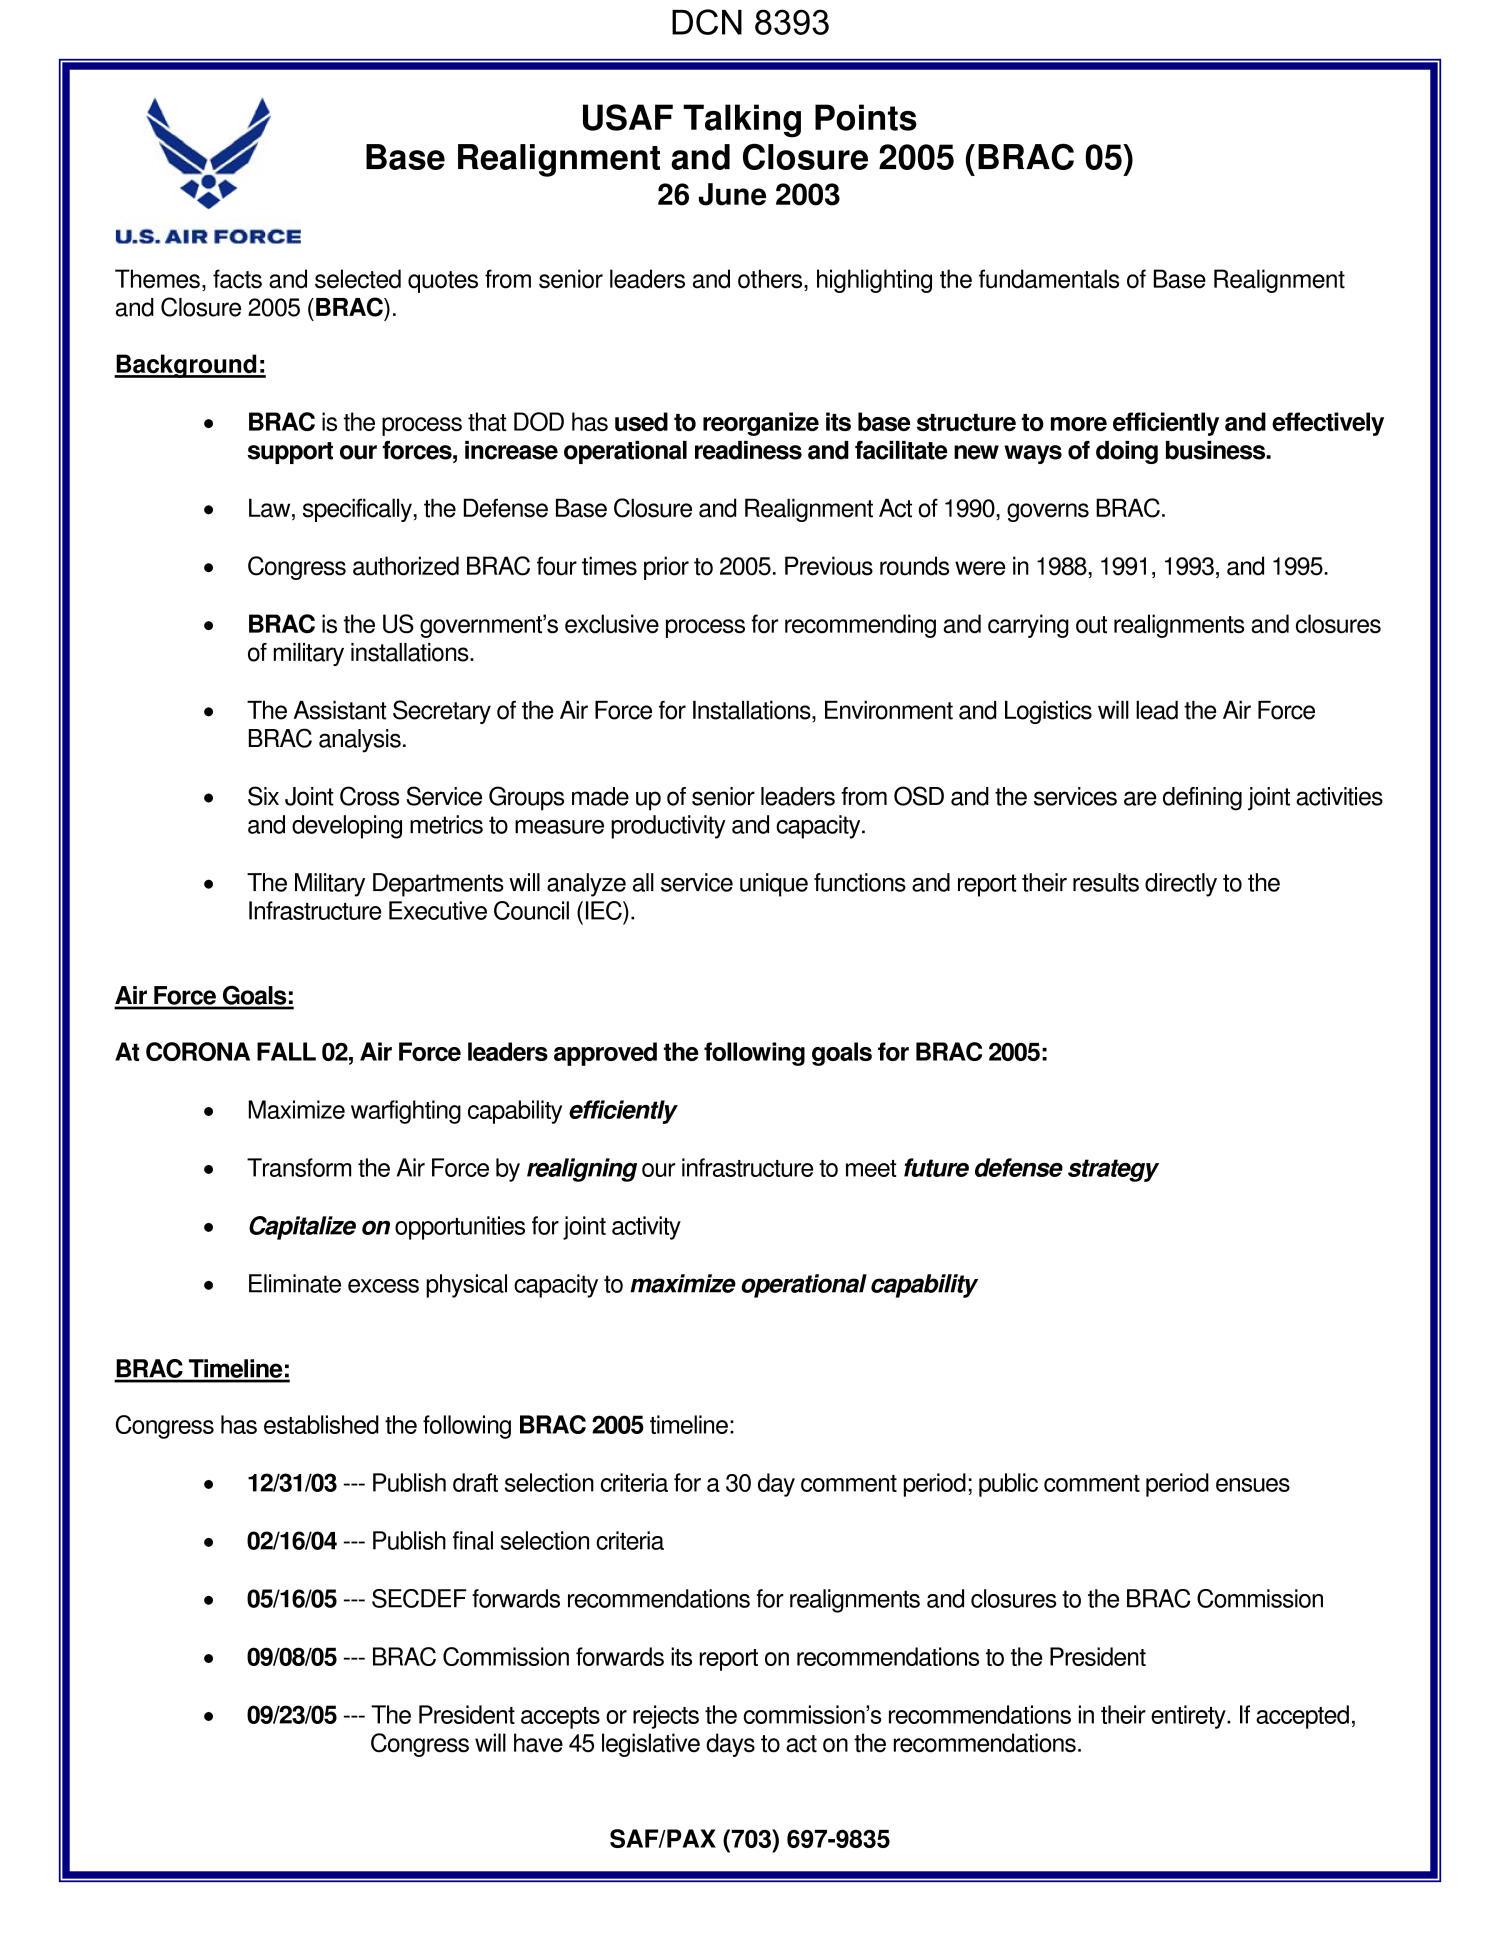 AF Form 1768 Staff Summary Sheet Dtd 06 26 03 Forwarding USAF Talking Points BRAC 2005